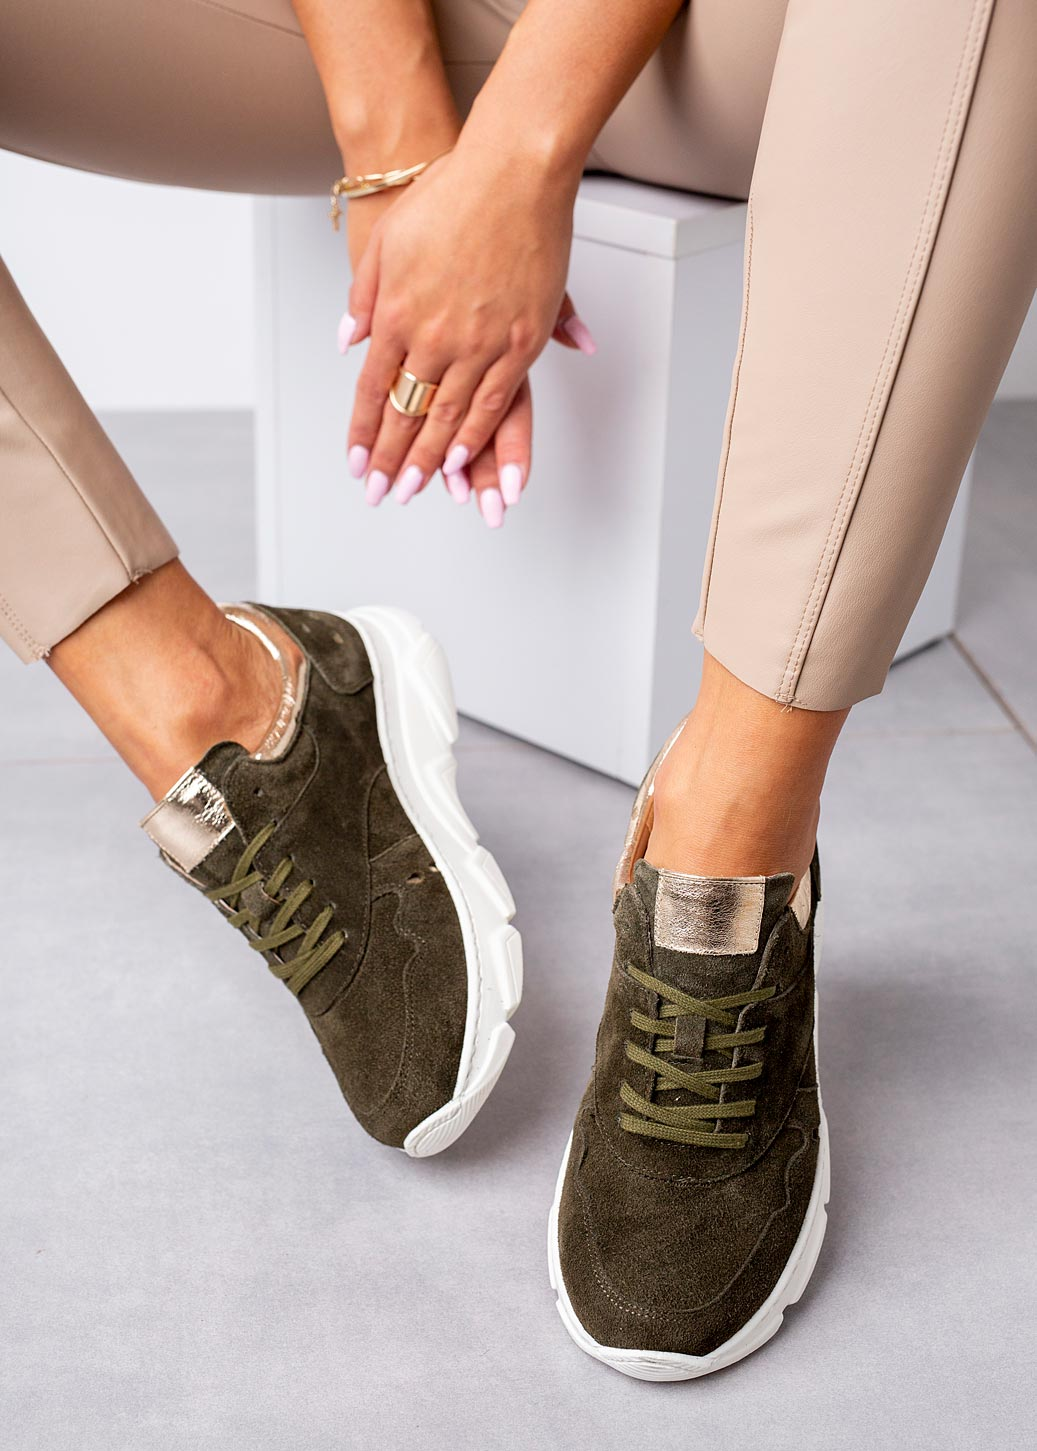 Oliwkowe sneakersy Kati buty sportowe sznurowane 7038